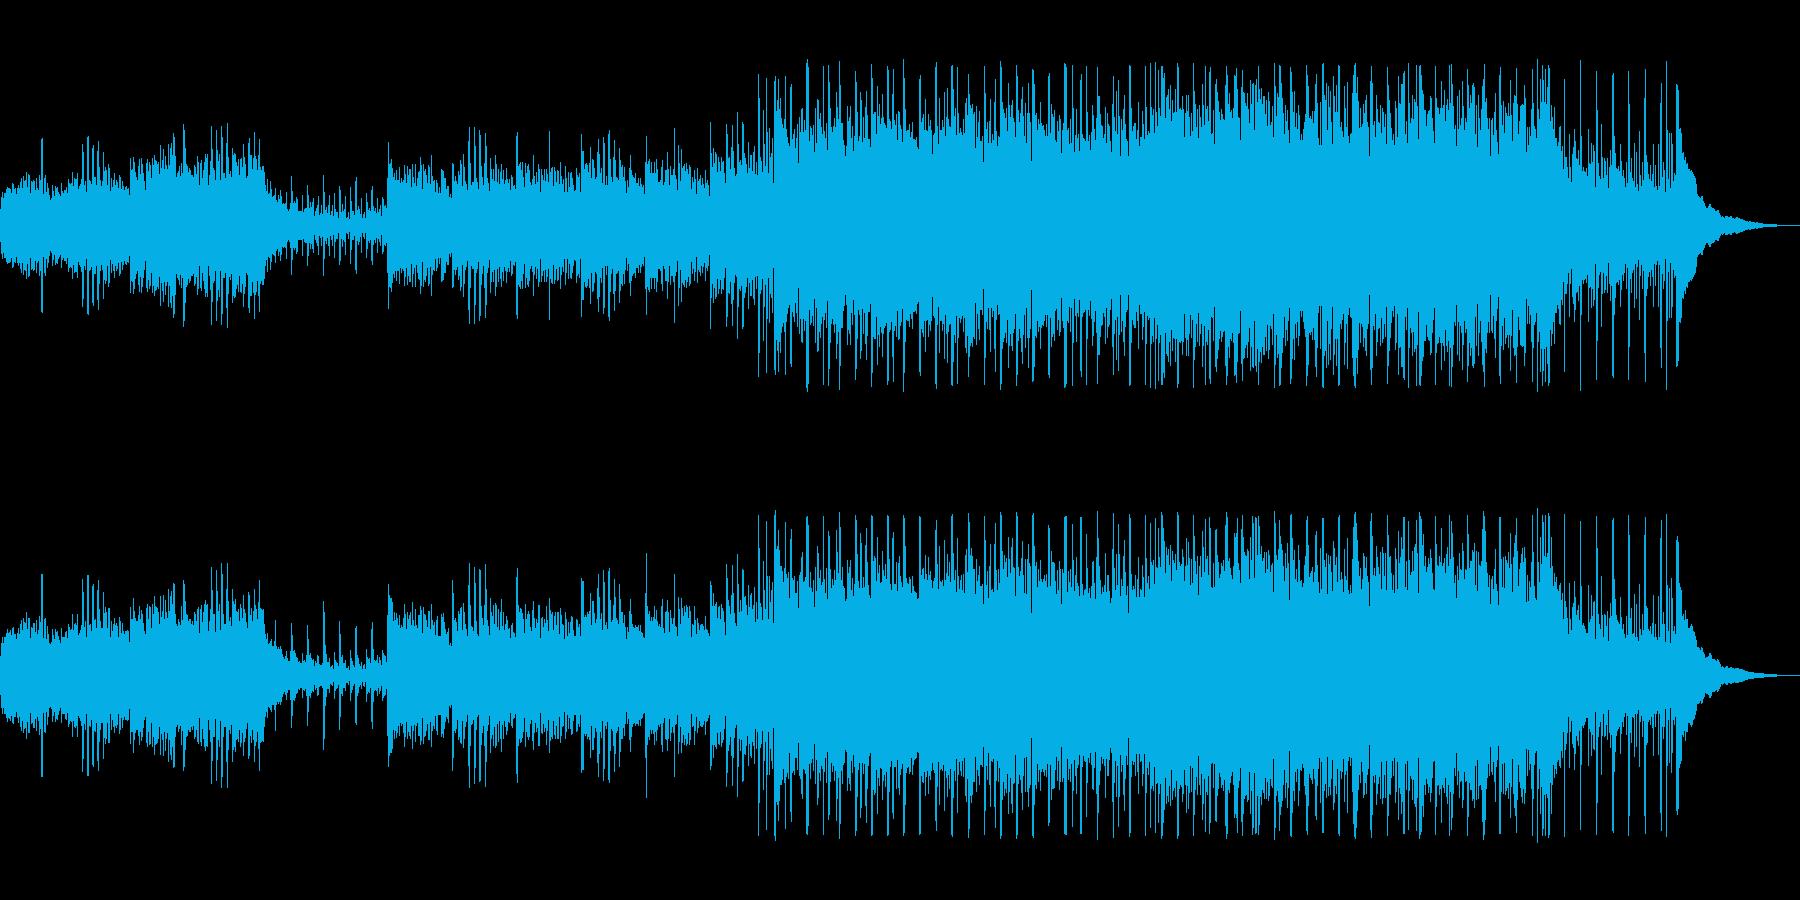 景色が流れていくような明るい曲の再生済みの波形